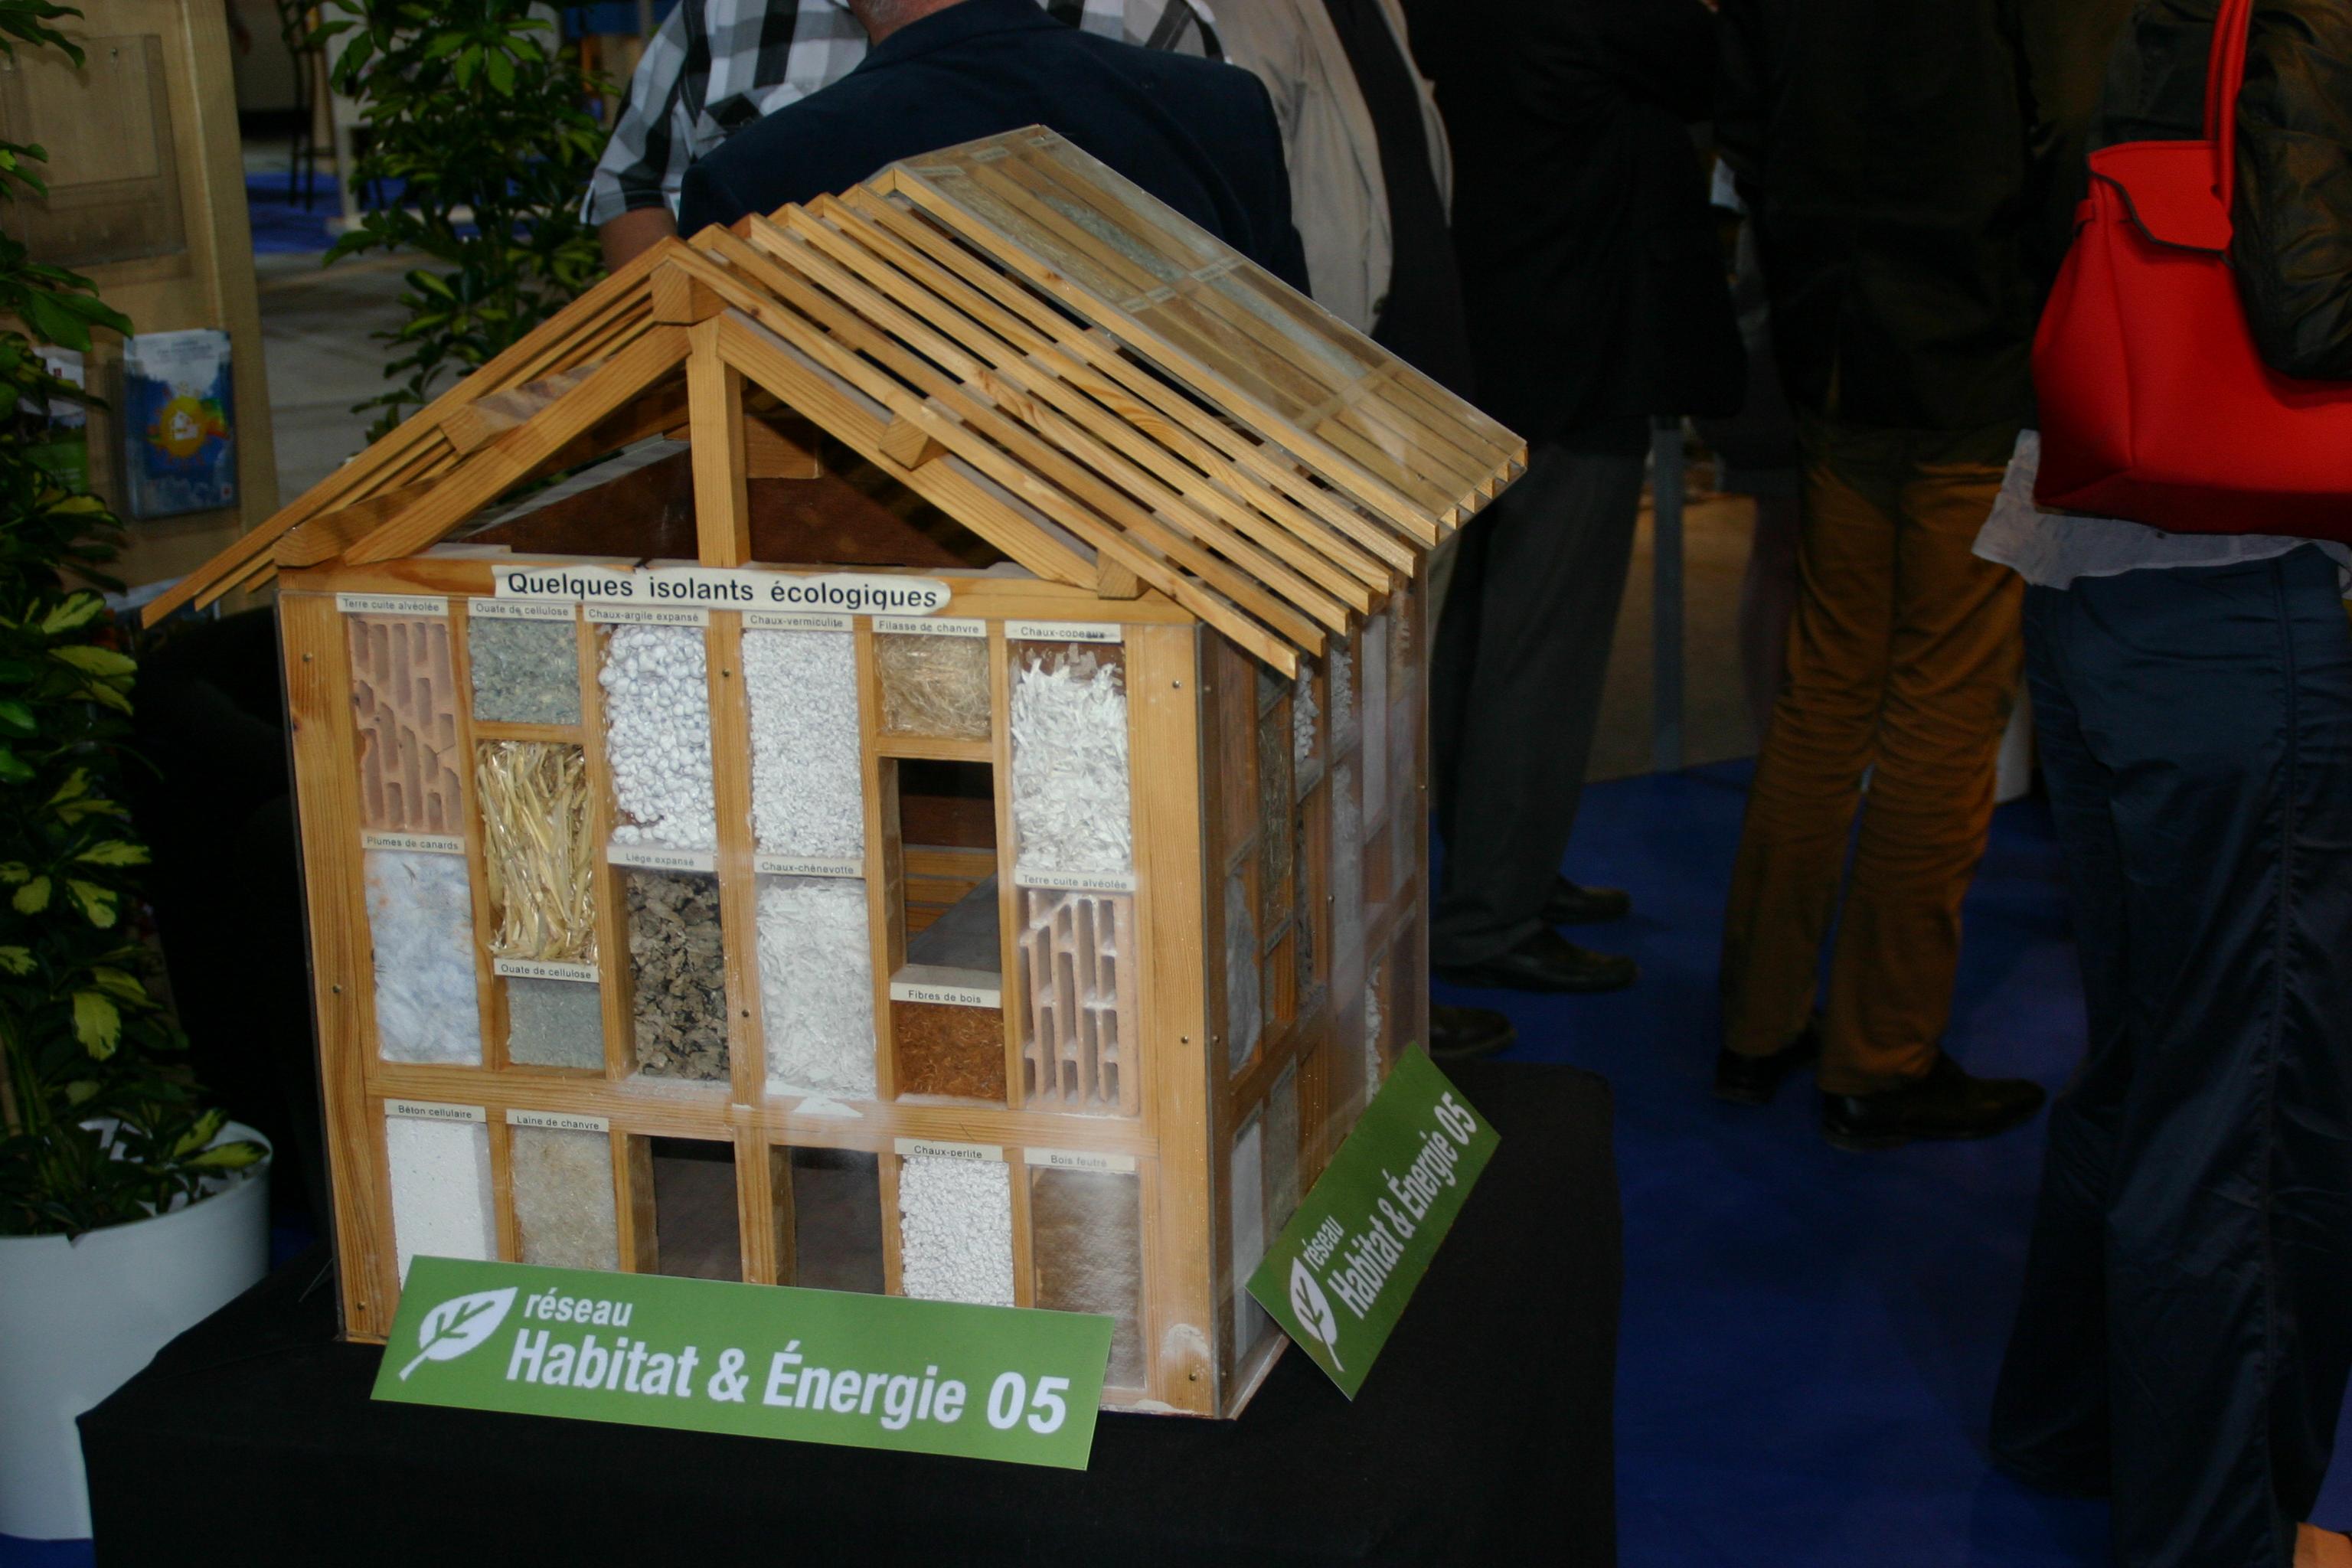 Le réseau Habitat et Energie 05 est présent à la Foire Expo de Gap.